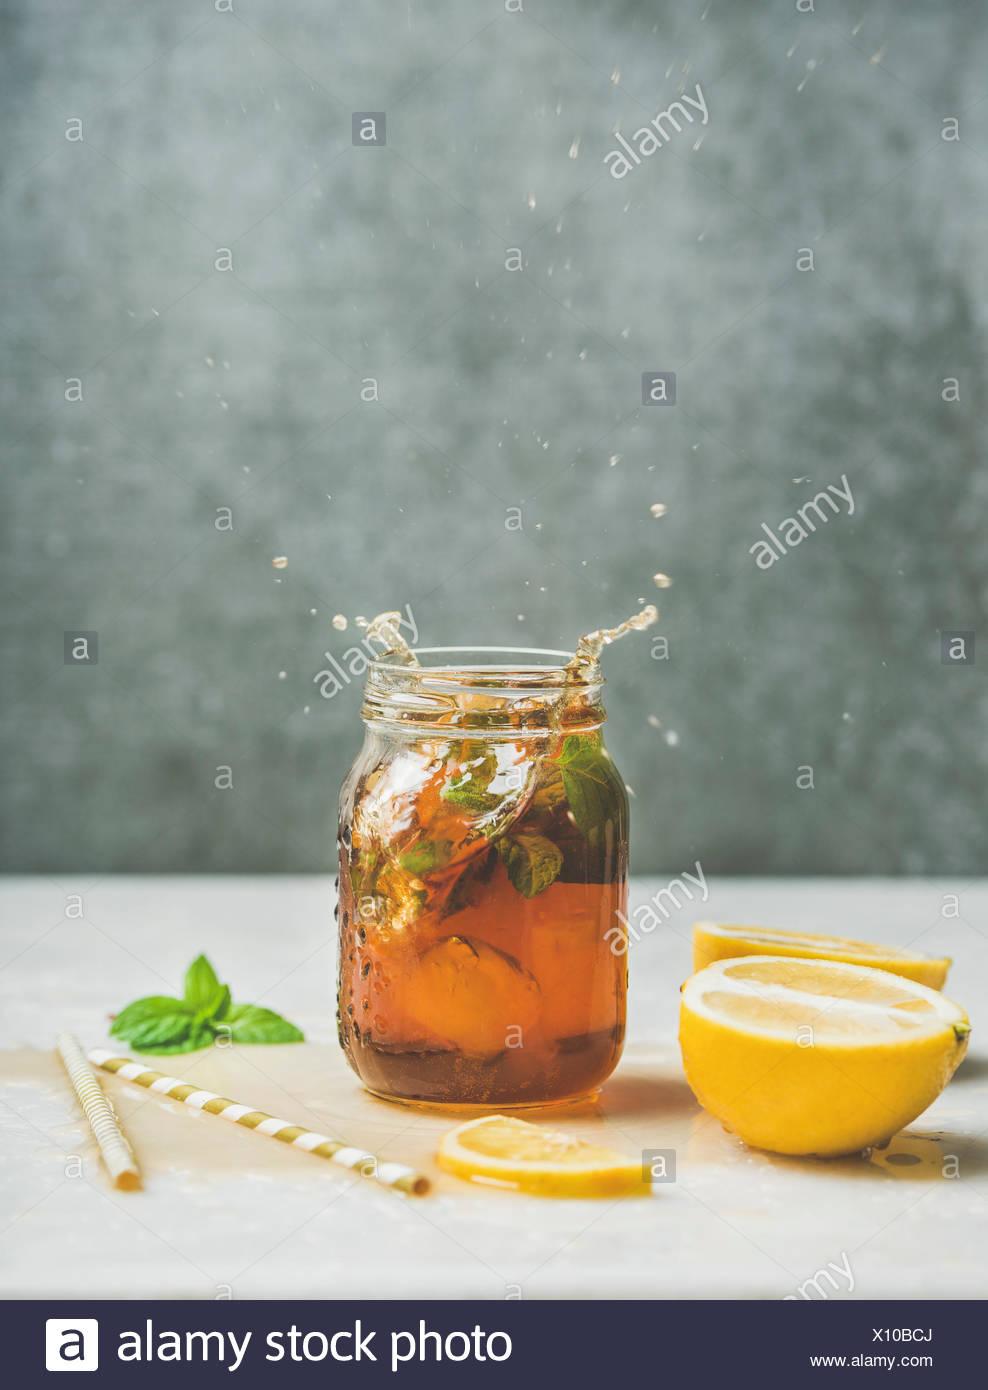 Verano frío helado de té con menta fresca, de bergamota y limón en tarro de vidrio con las salpicaduras sobre la mesa de luz, gris muro de hormigón en el fondo, copia el espacio. Los alimentos Imagen De Stock